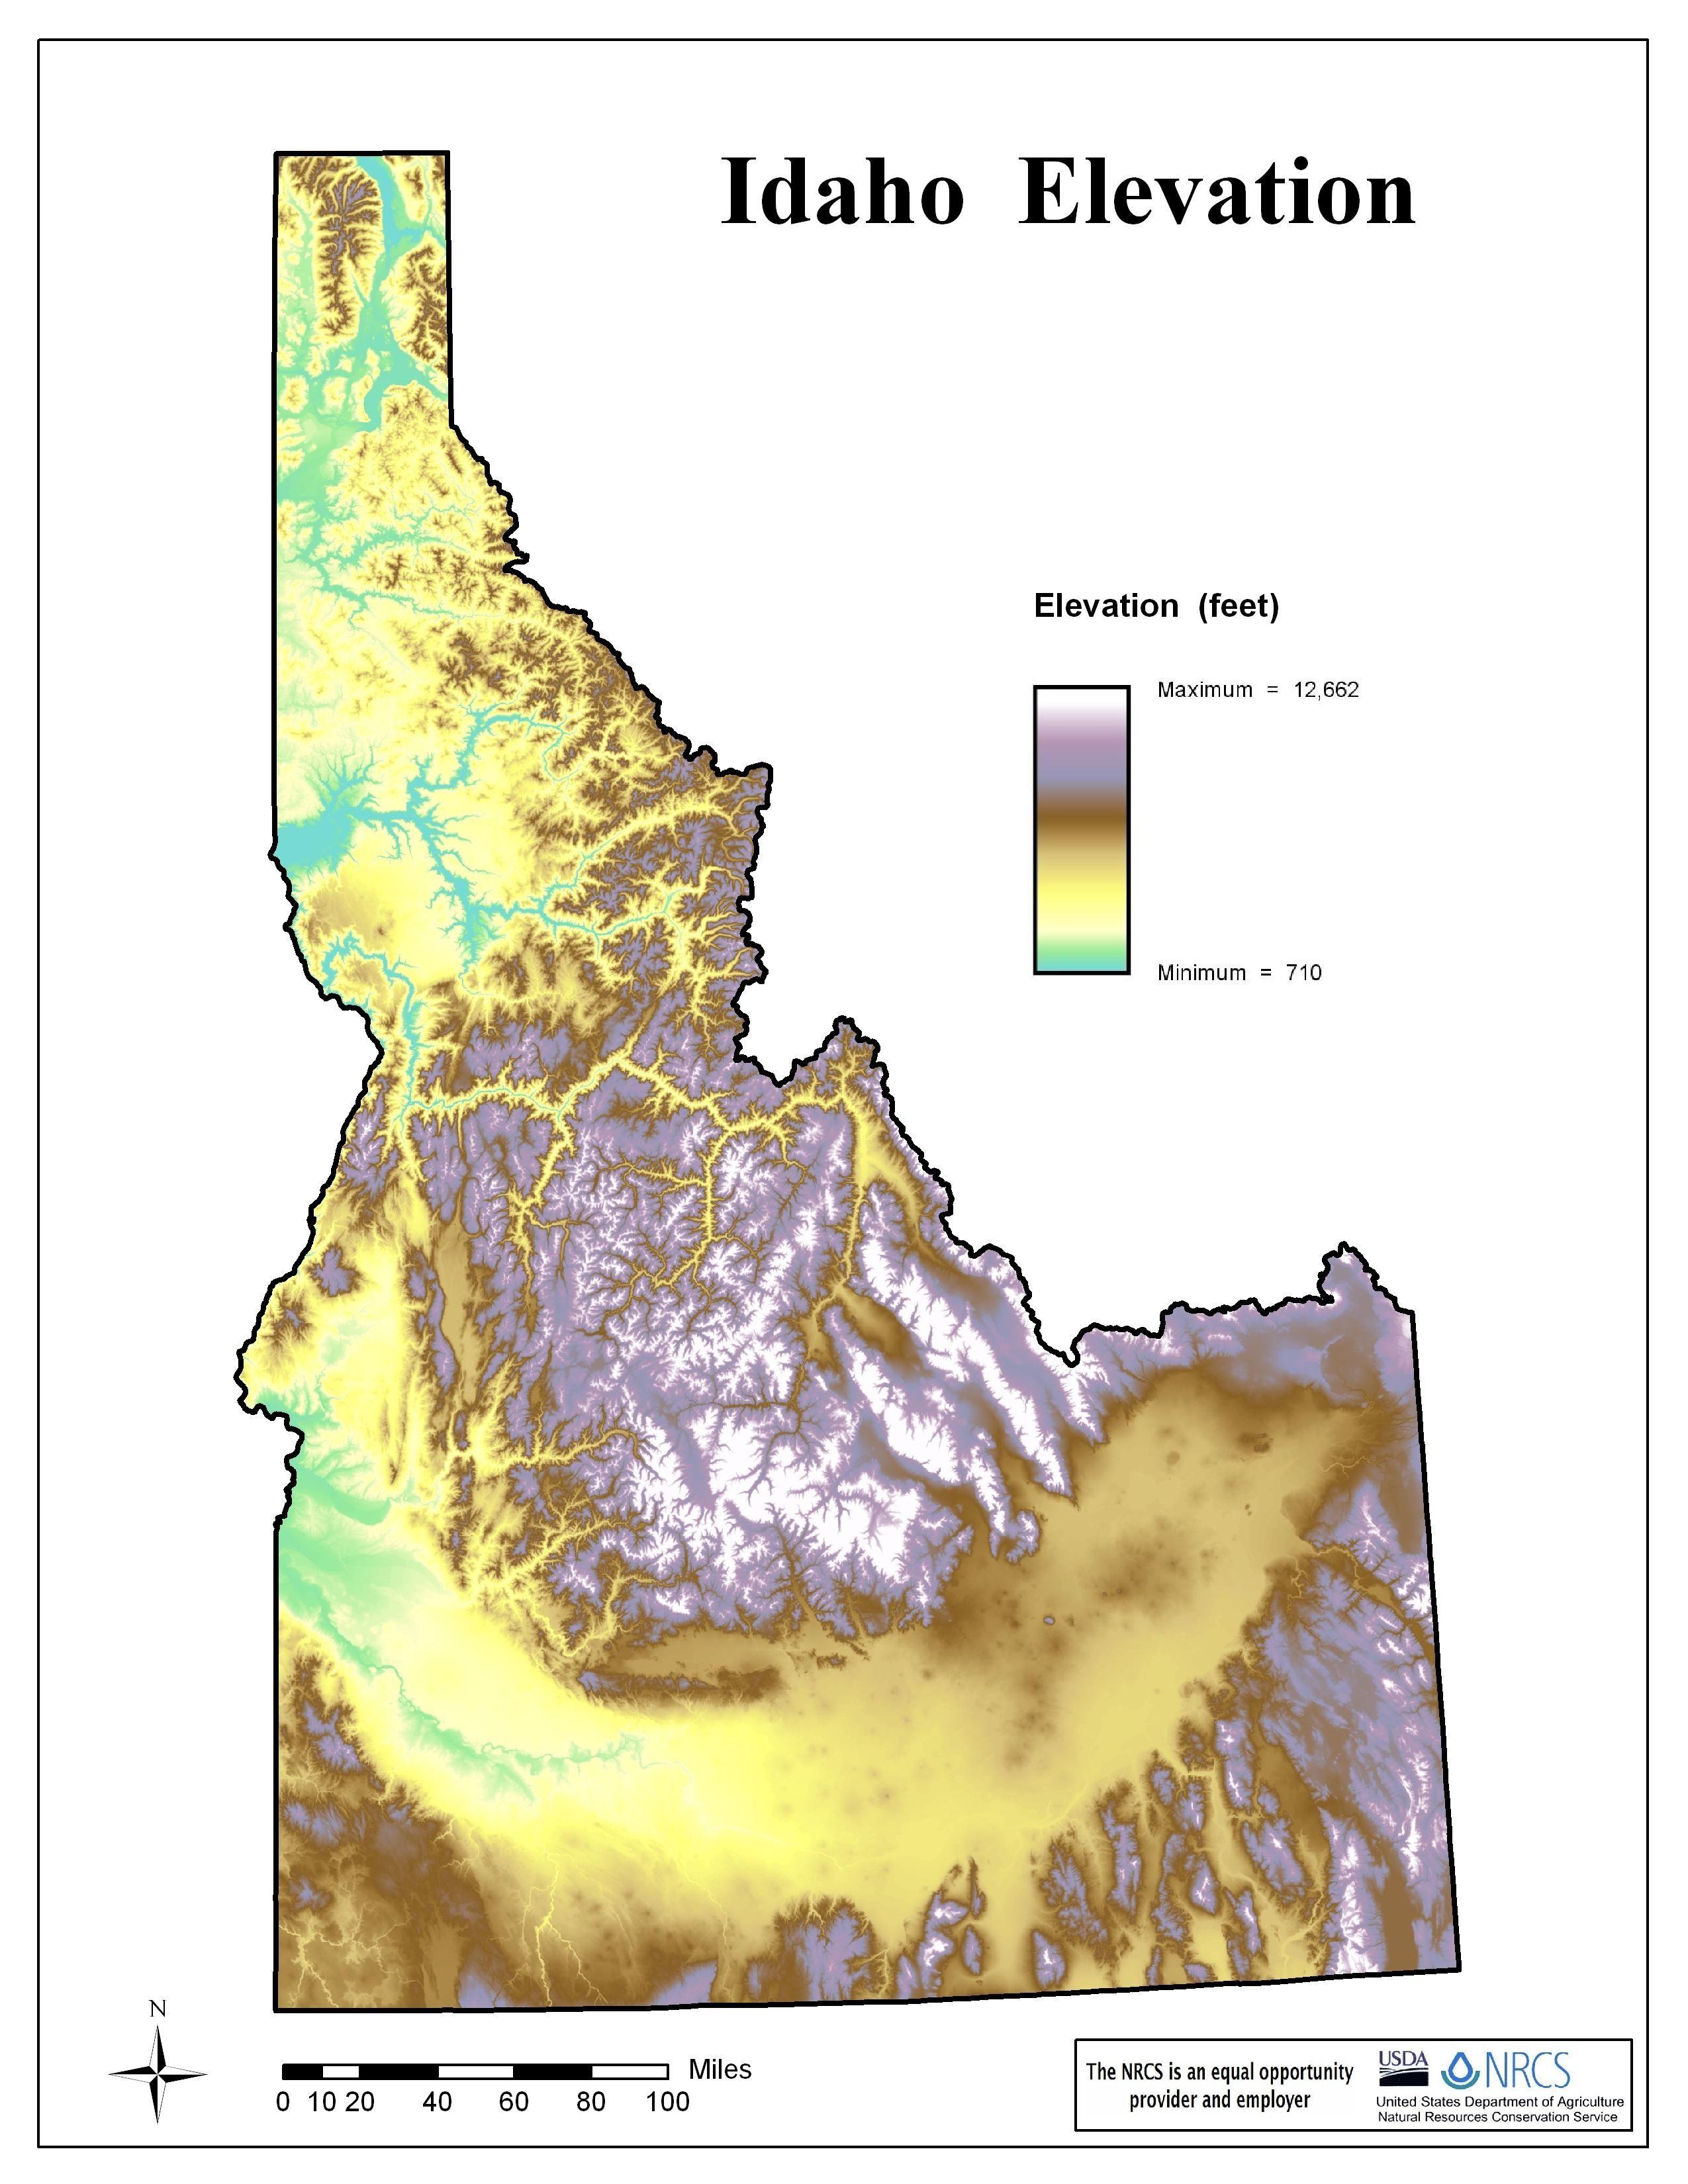 Idaho Elevation Map | MAPS | Pinterest